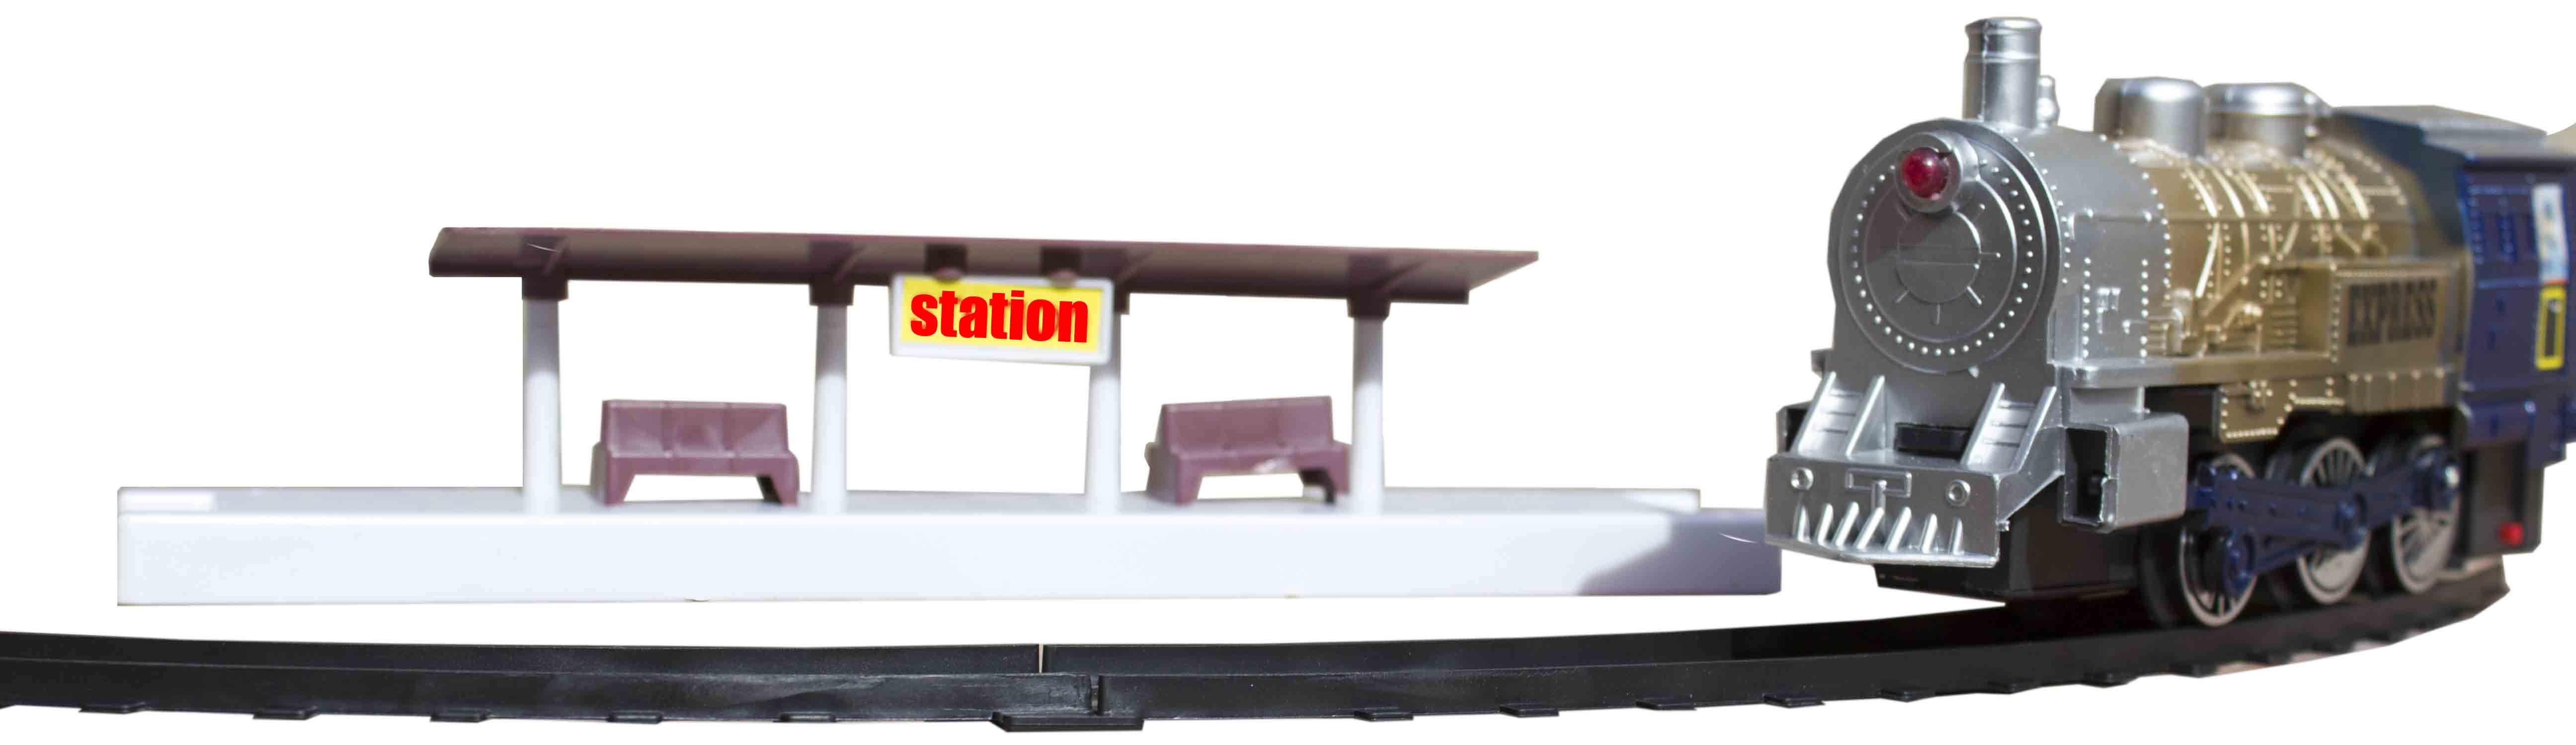 قطار ریلی باطری خور دود کن همراه با ایستگاه